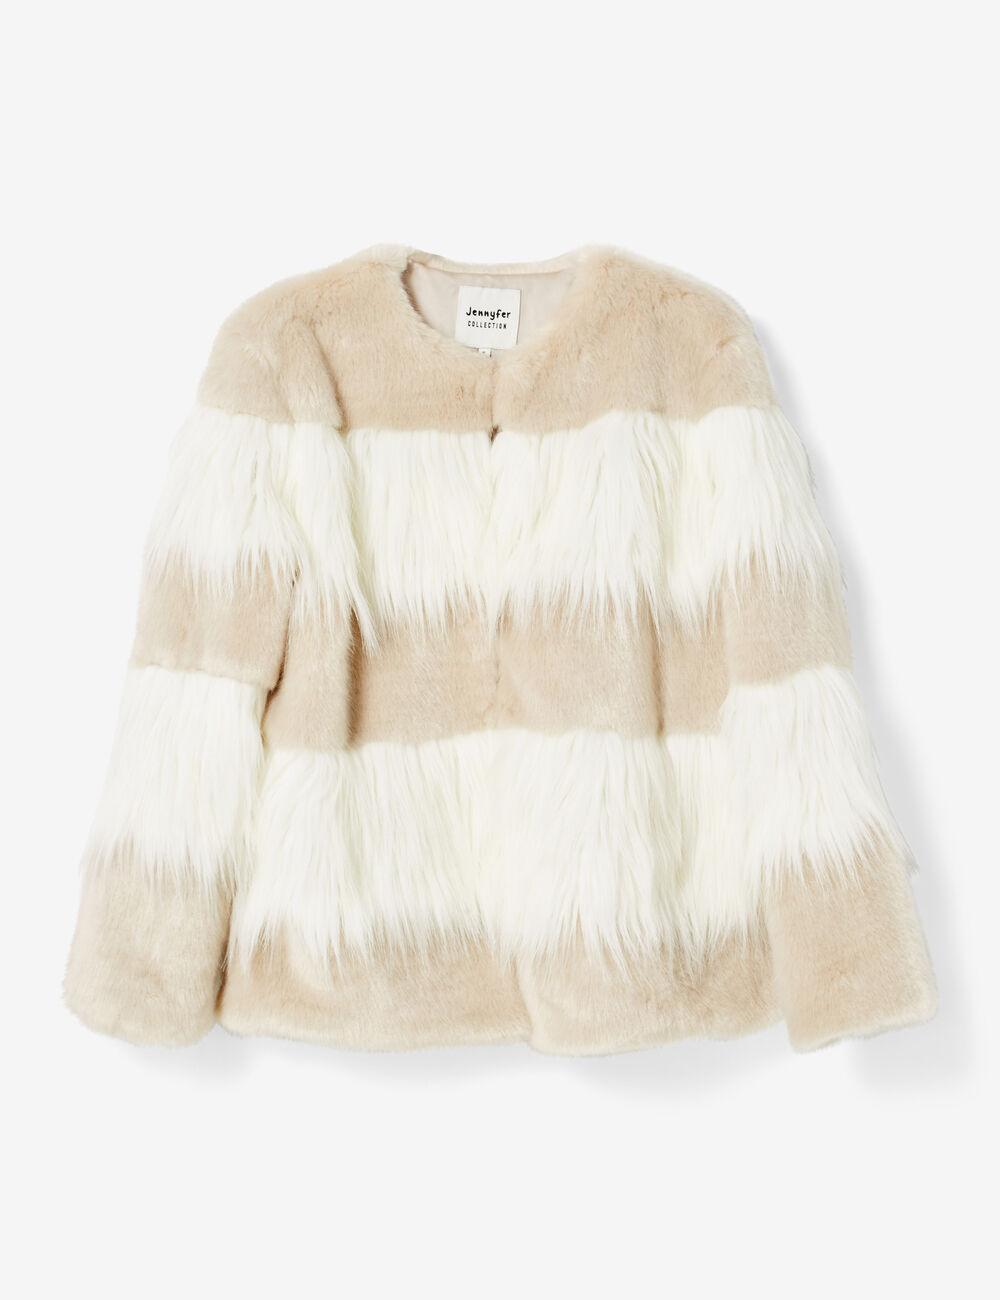 pas cher pour réduction c97b1 d1367 Manteau fourrure femme jennyfer – Modèles populaires de vestes